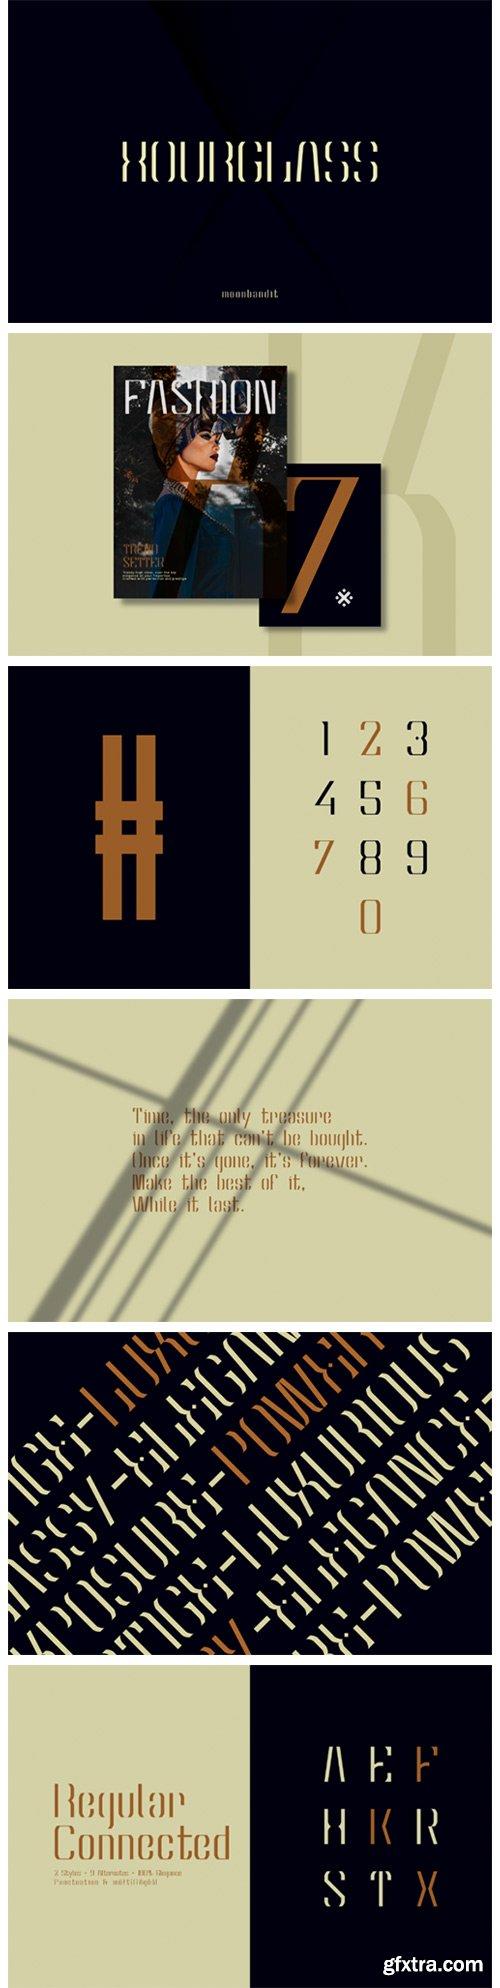 Hourglass Font